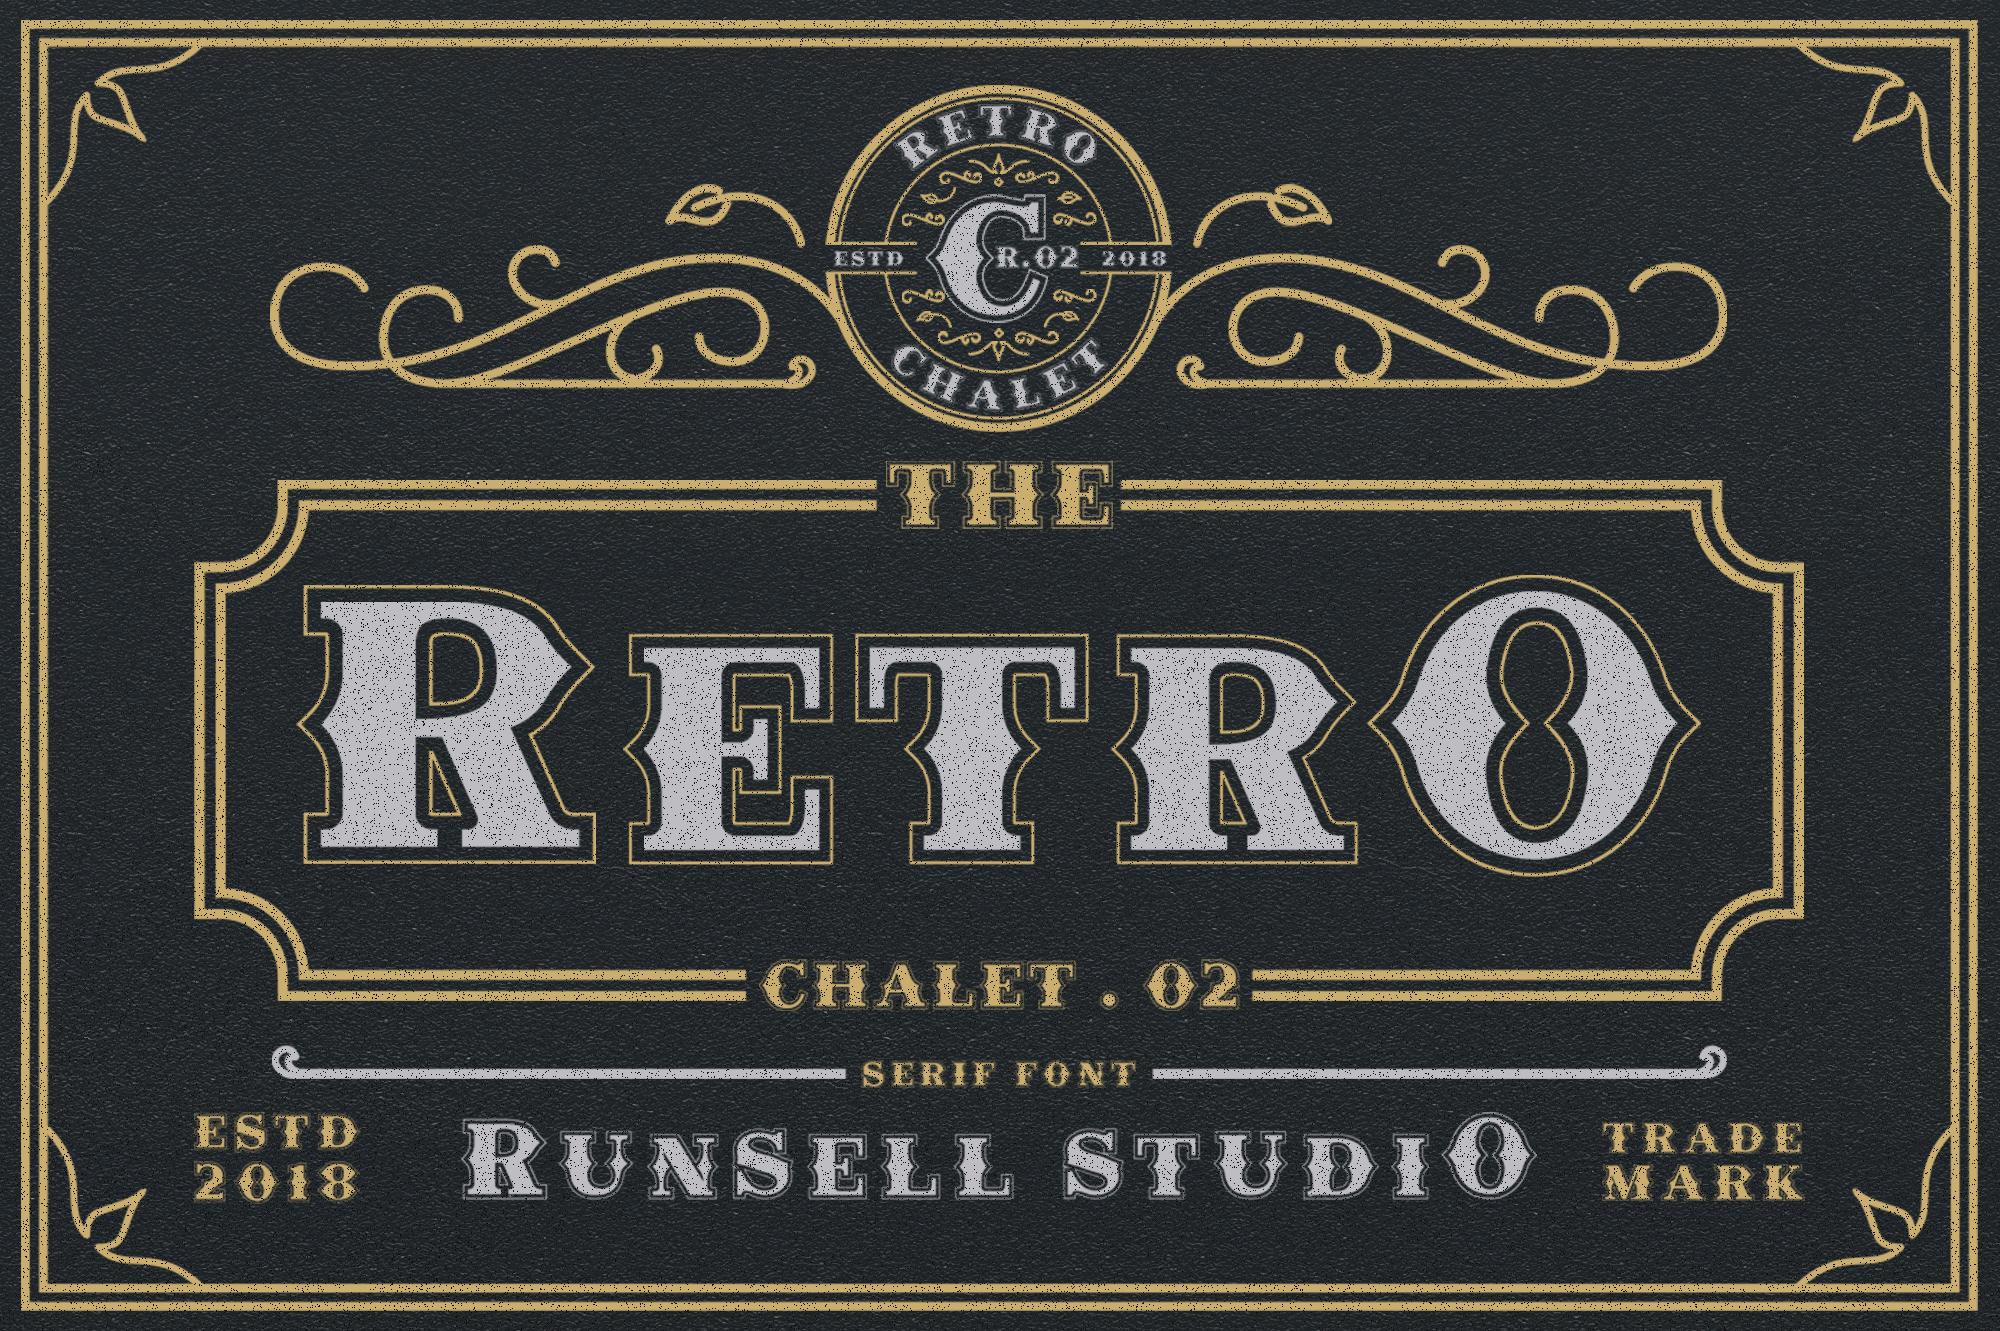 Retro Chalet .02 example image 1